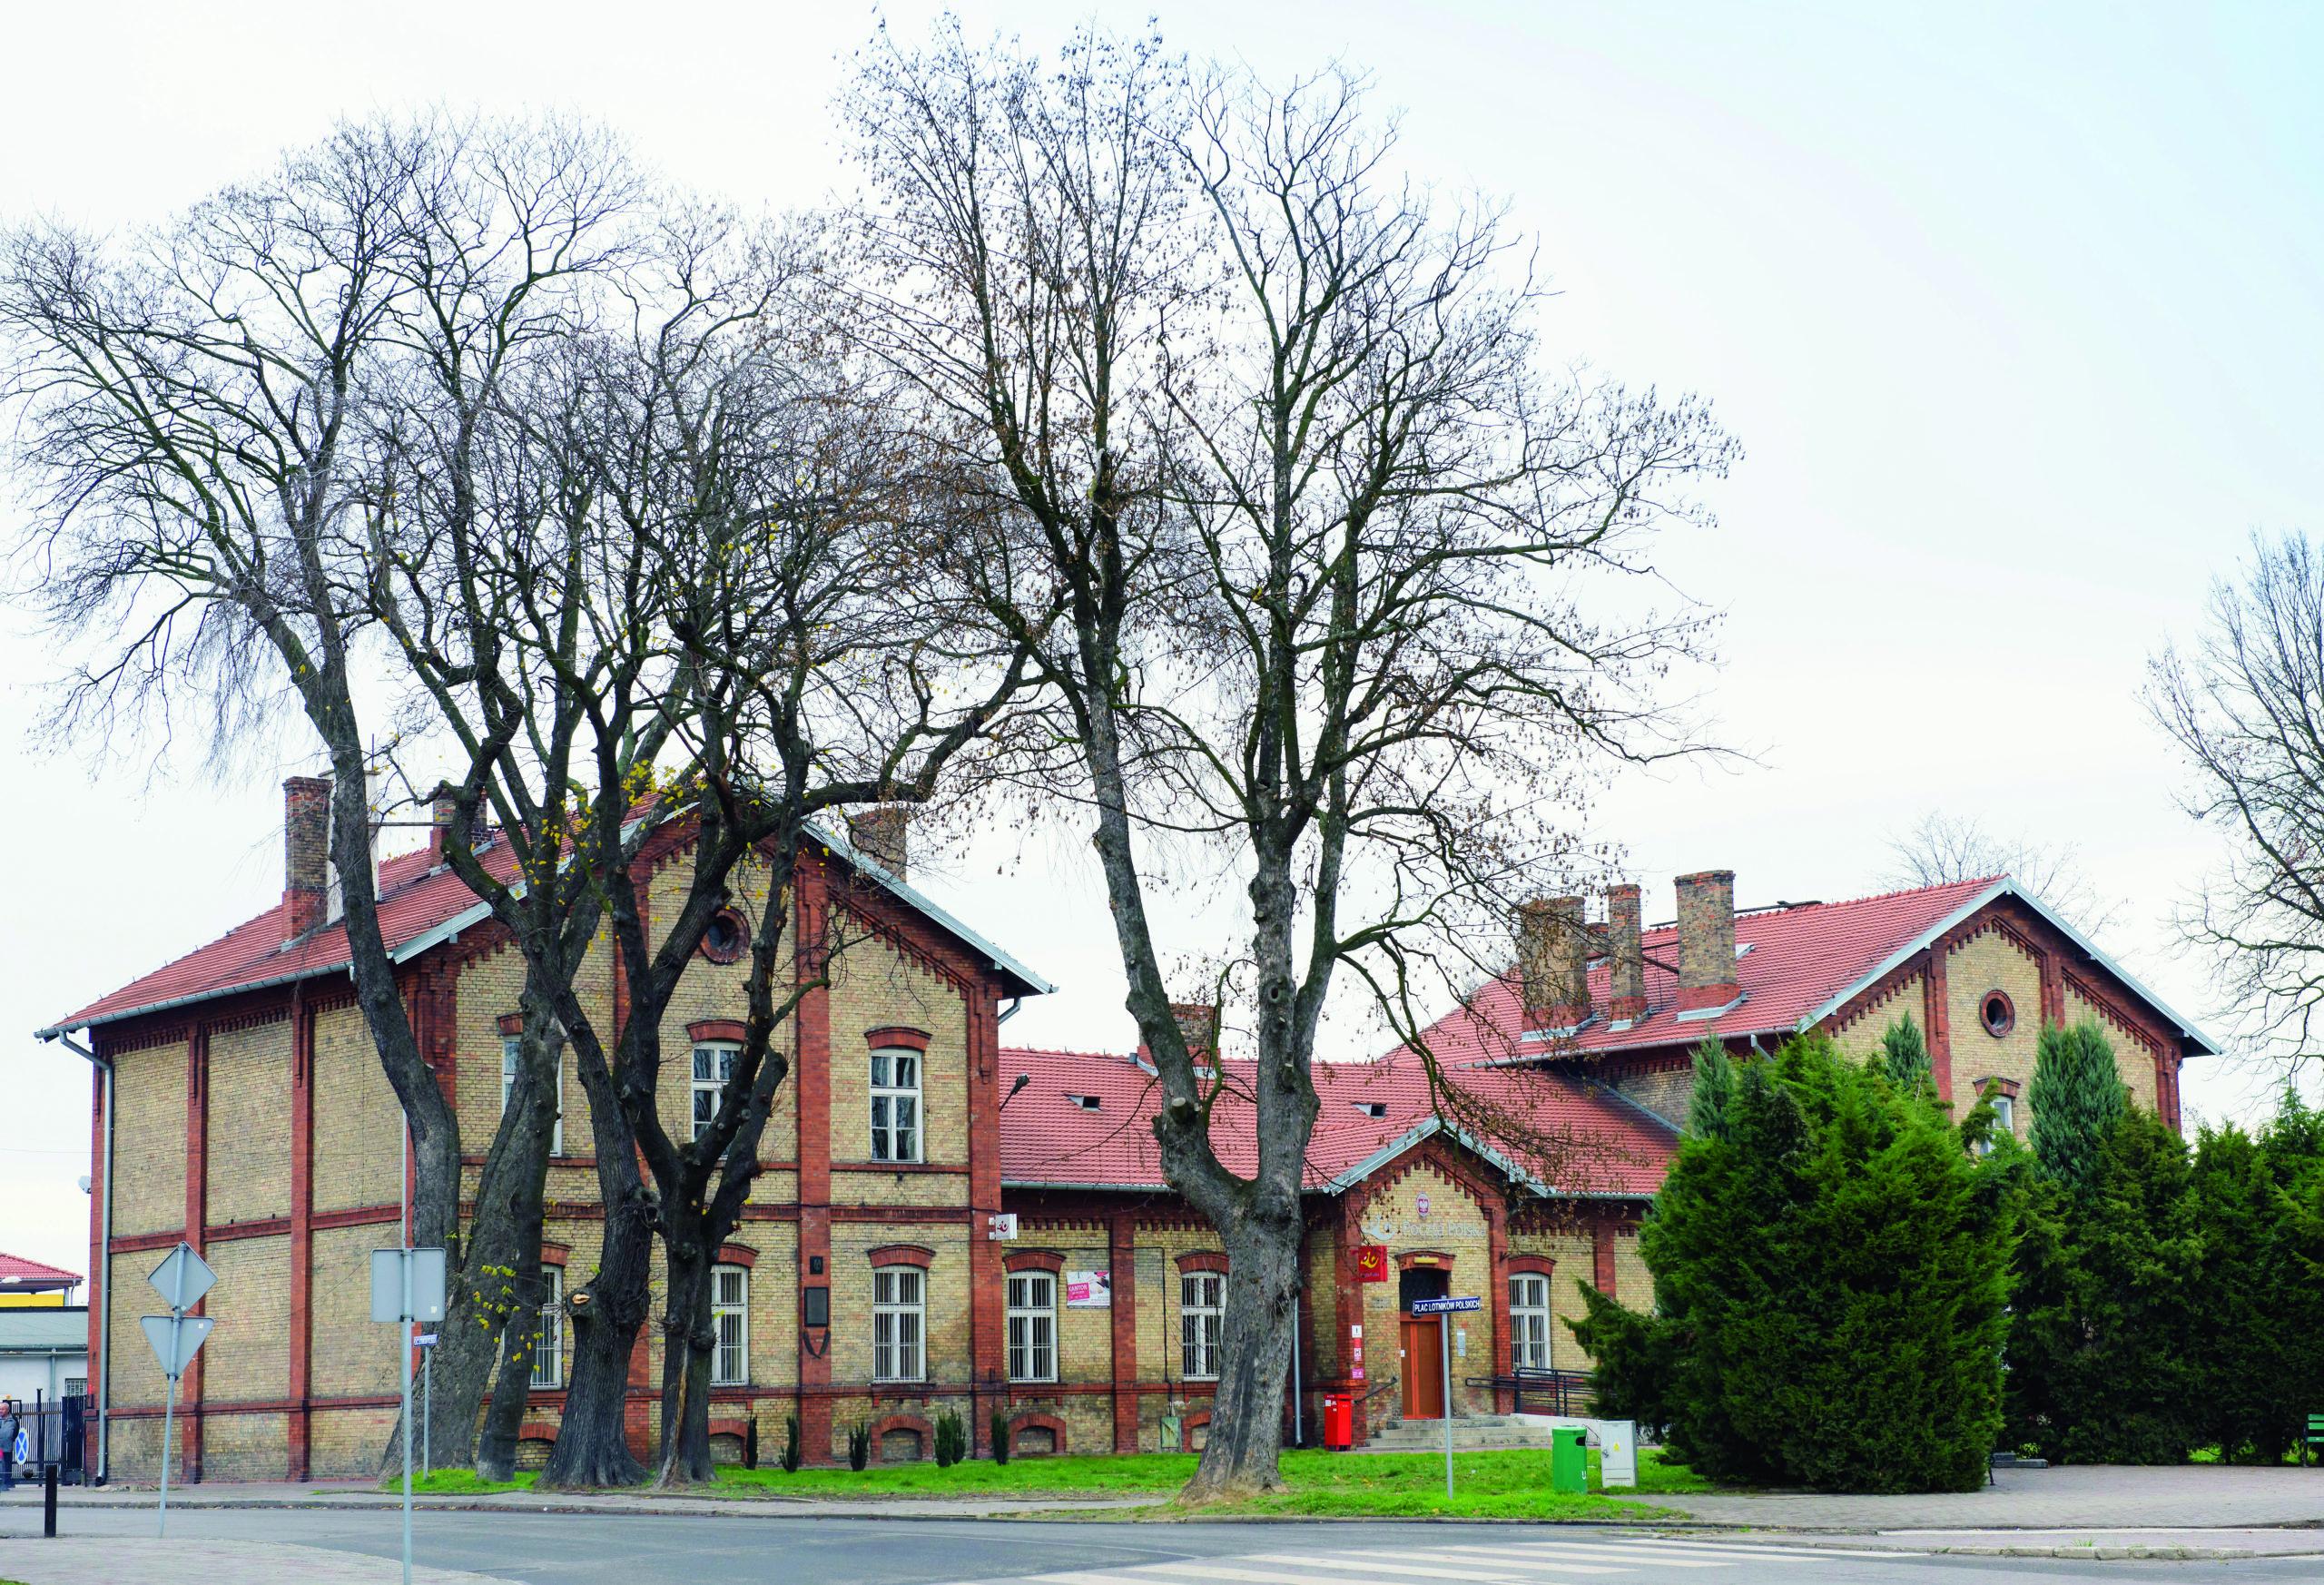 fot. Jarosław Czerwiński